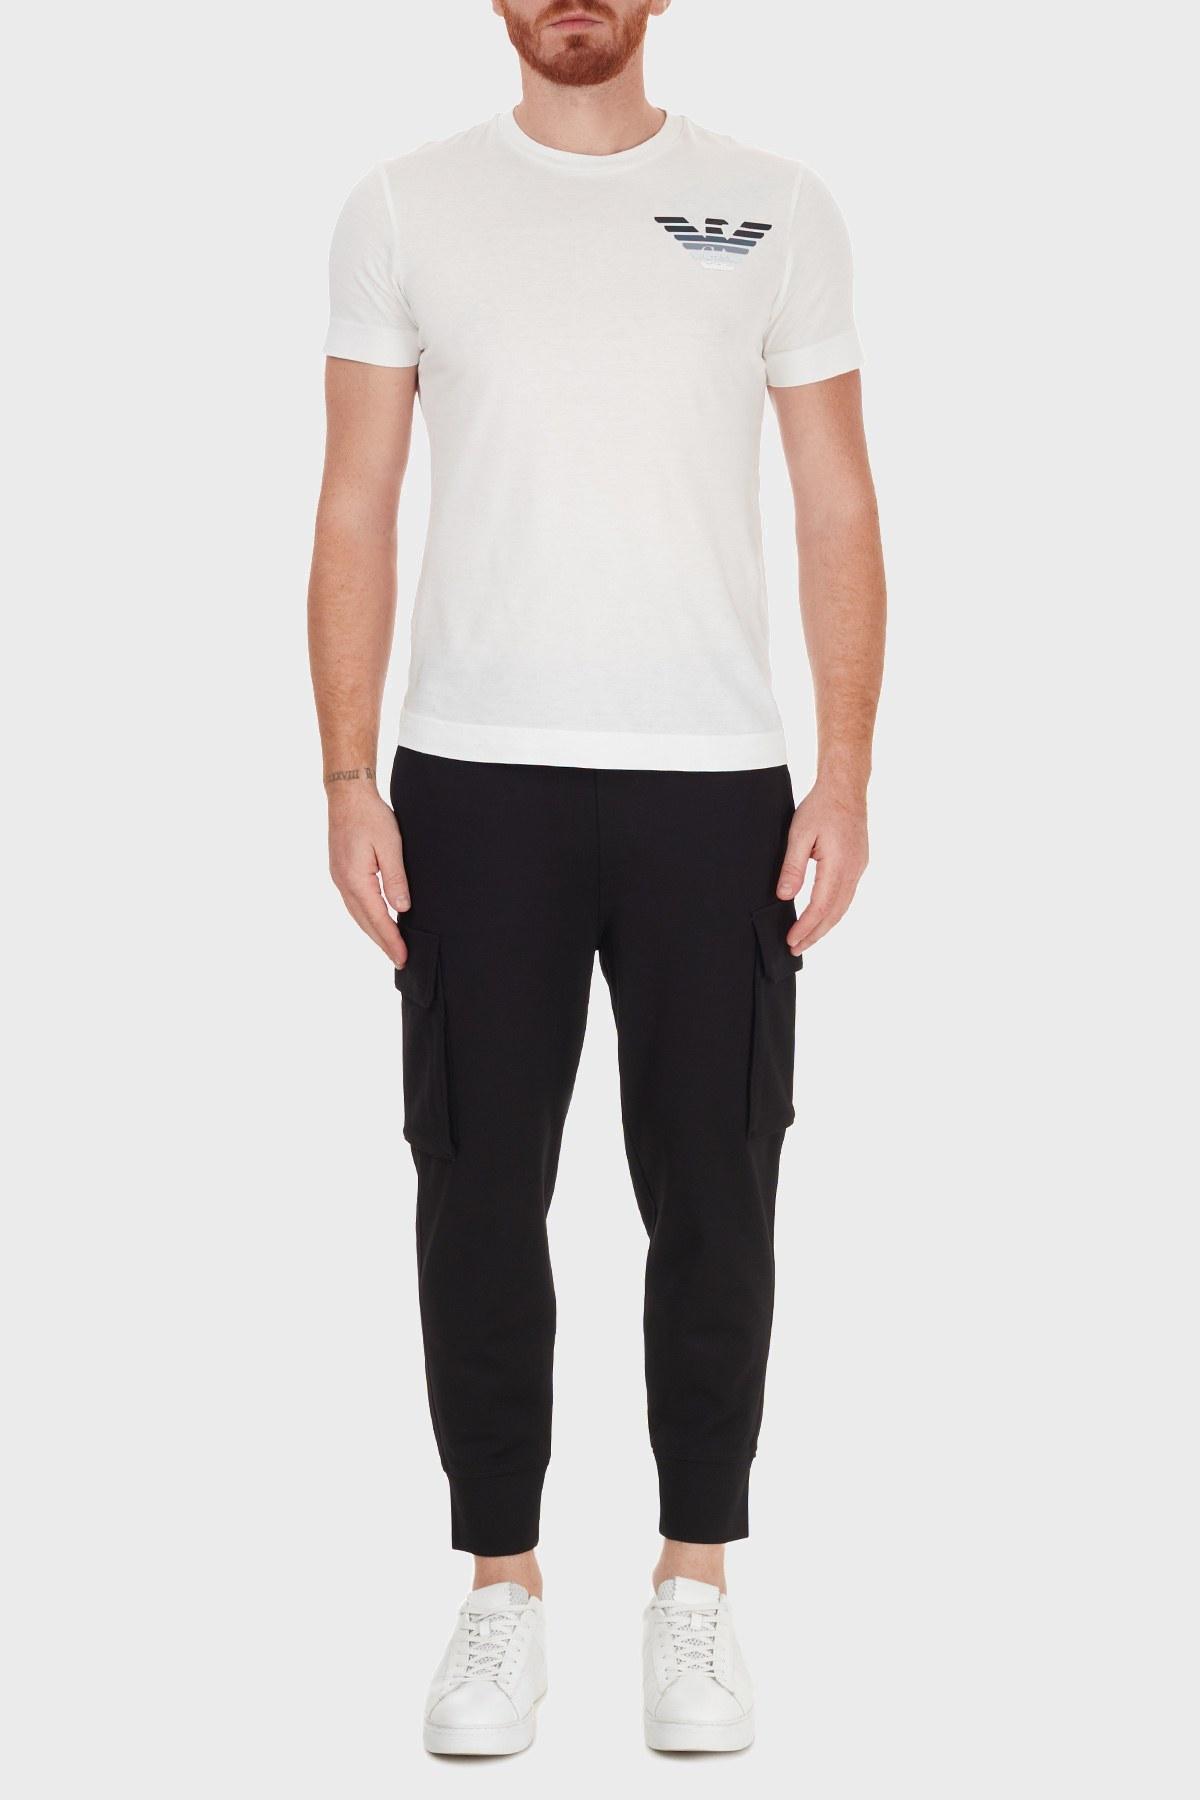 Emporio Armani Belden Bağlamalı Cepli Erkek Pantolon 6H1PM7 1JDRZ 0999 SİYAH